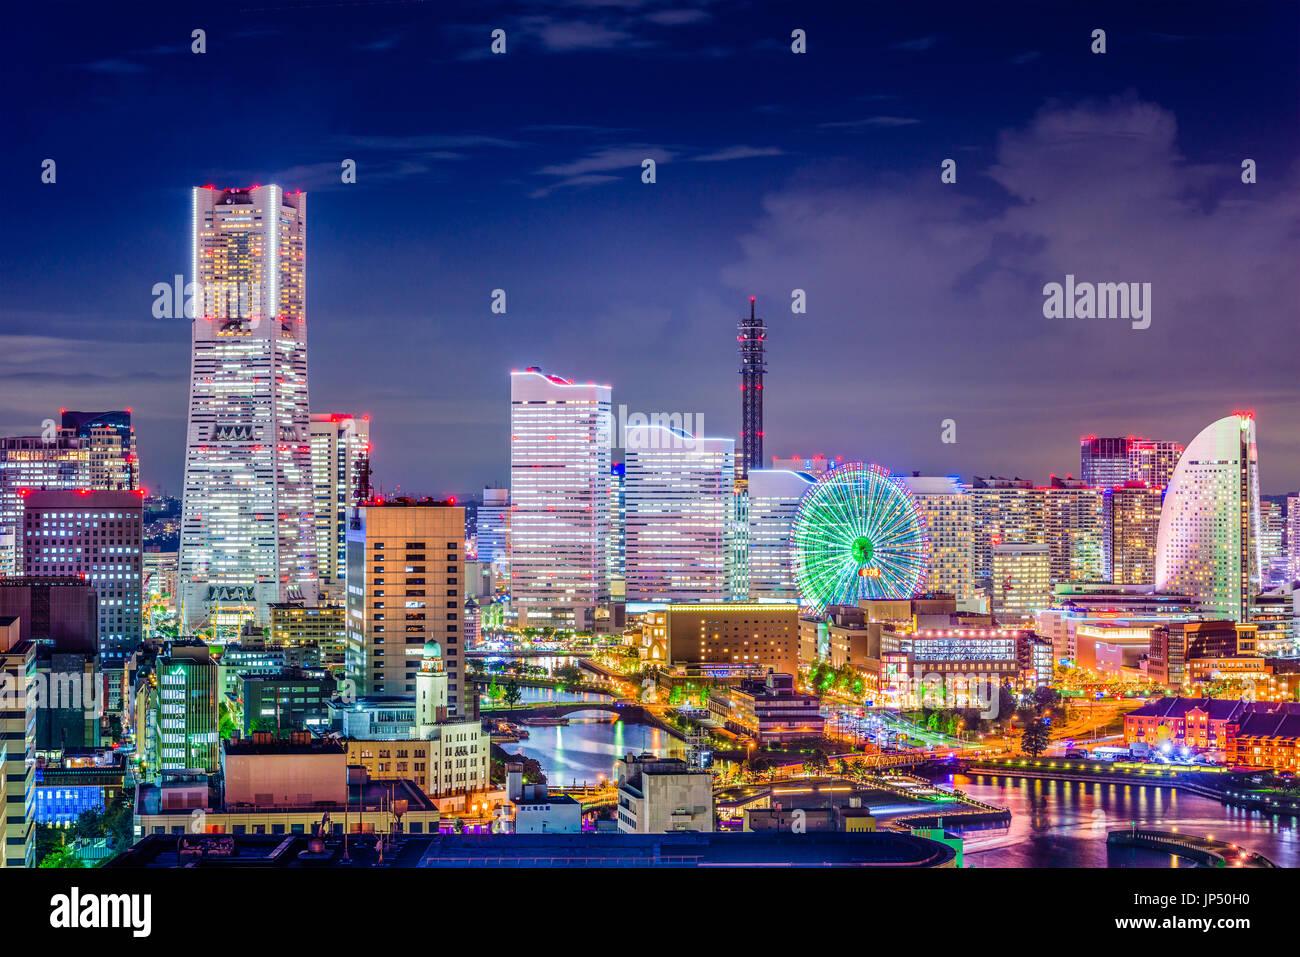 Yokohama, Japan skyline at night. - Stock Image